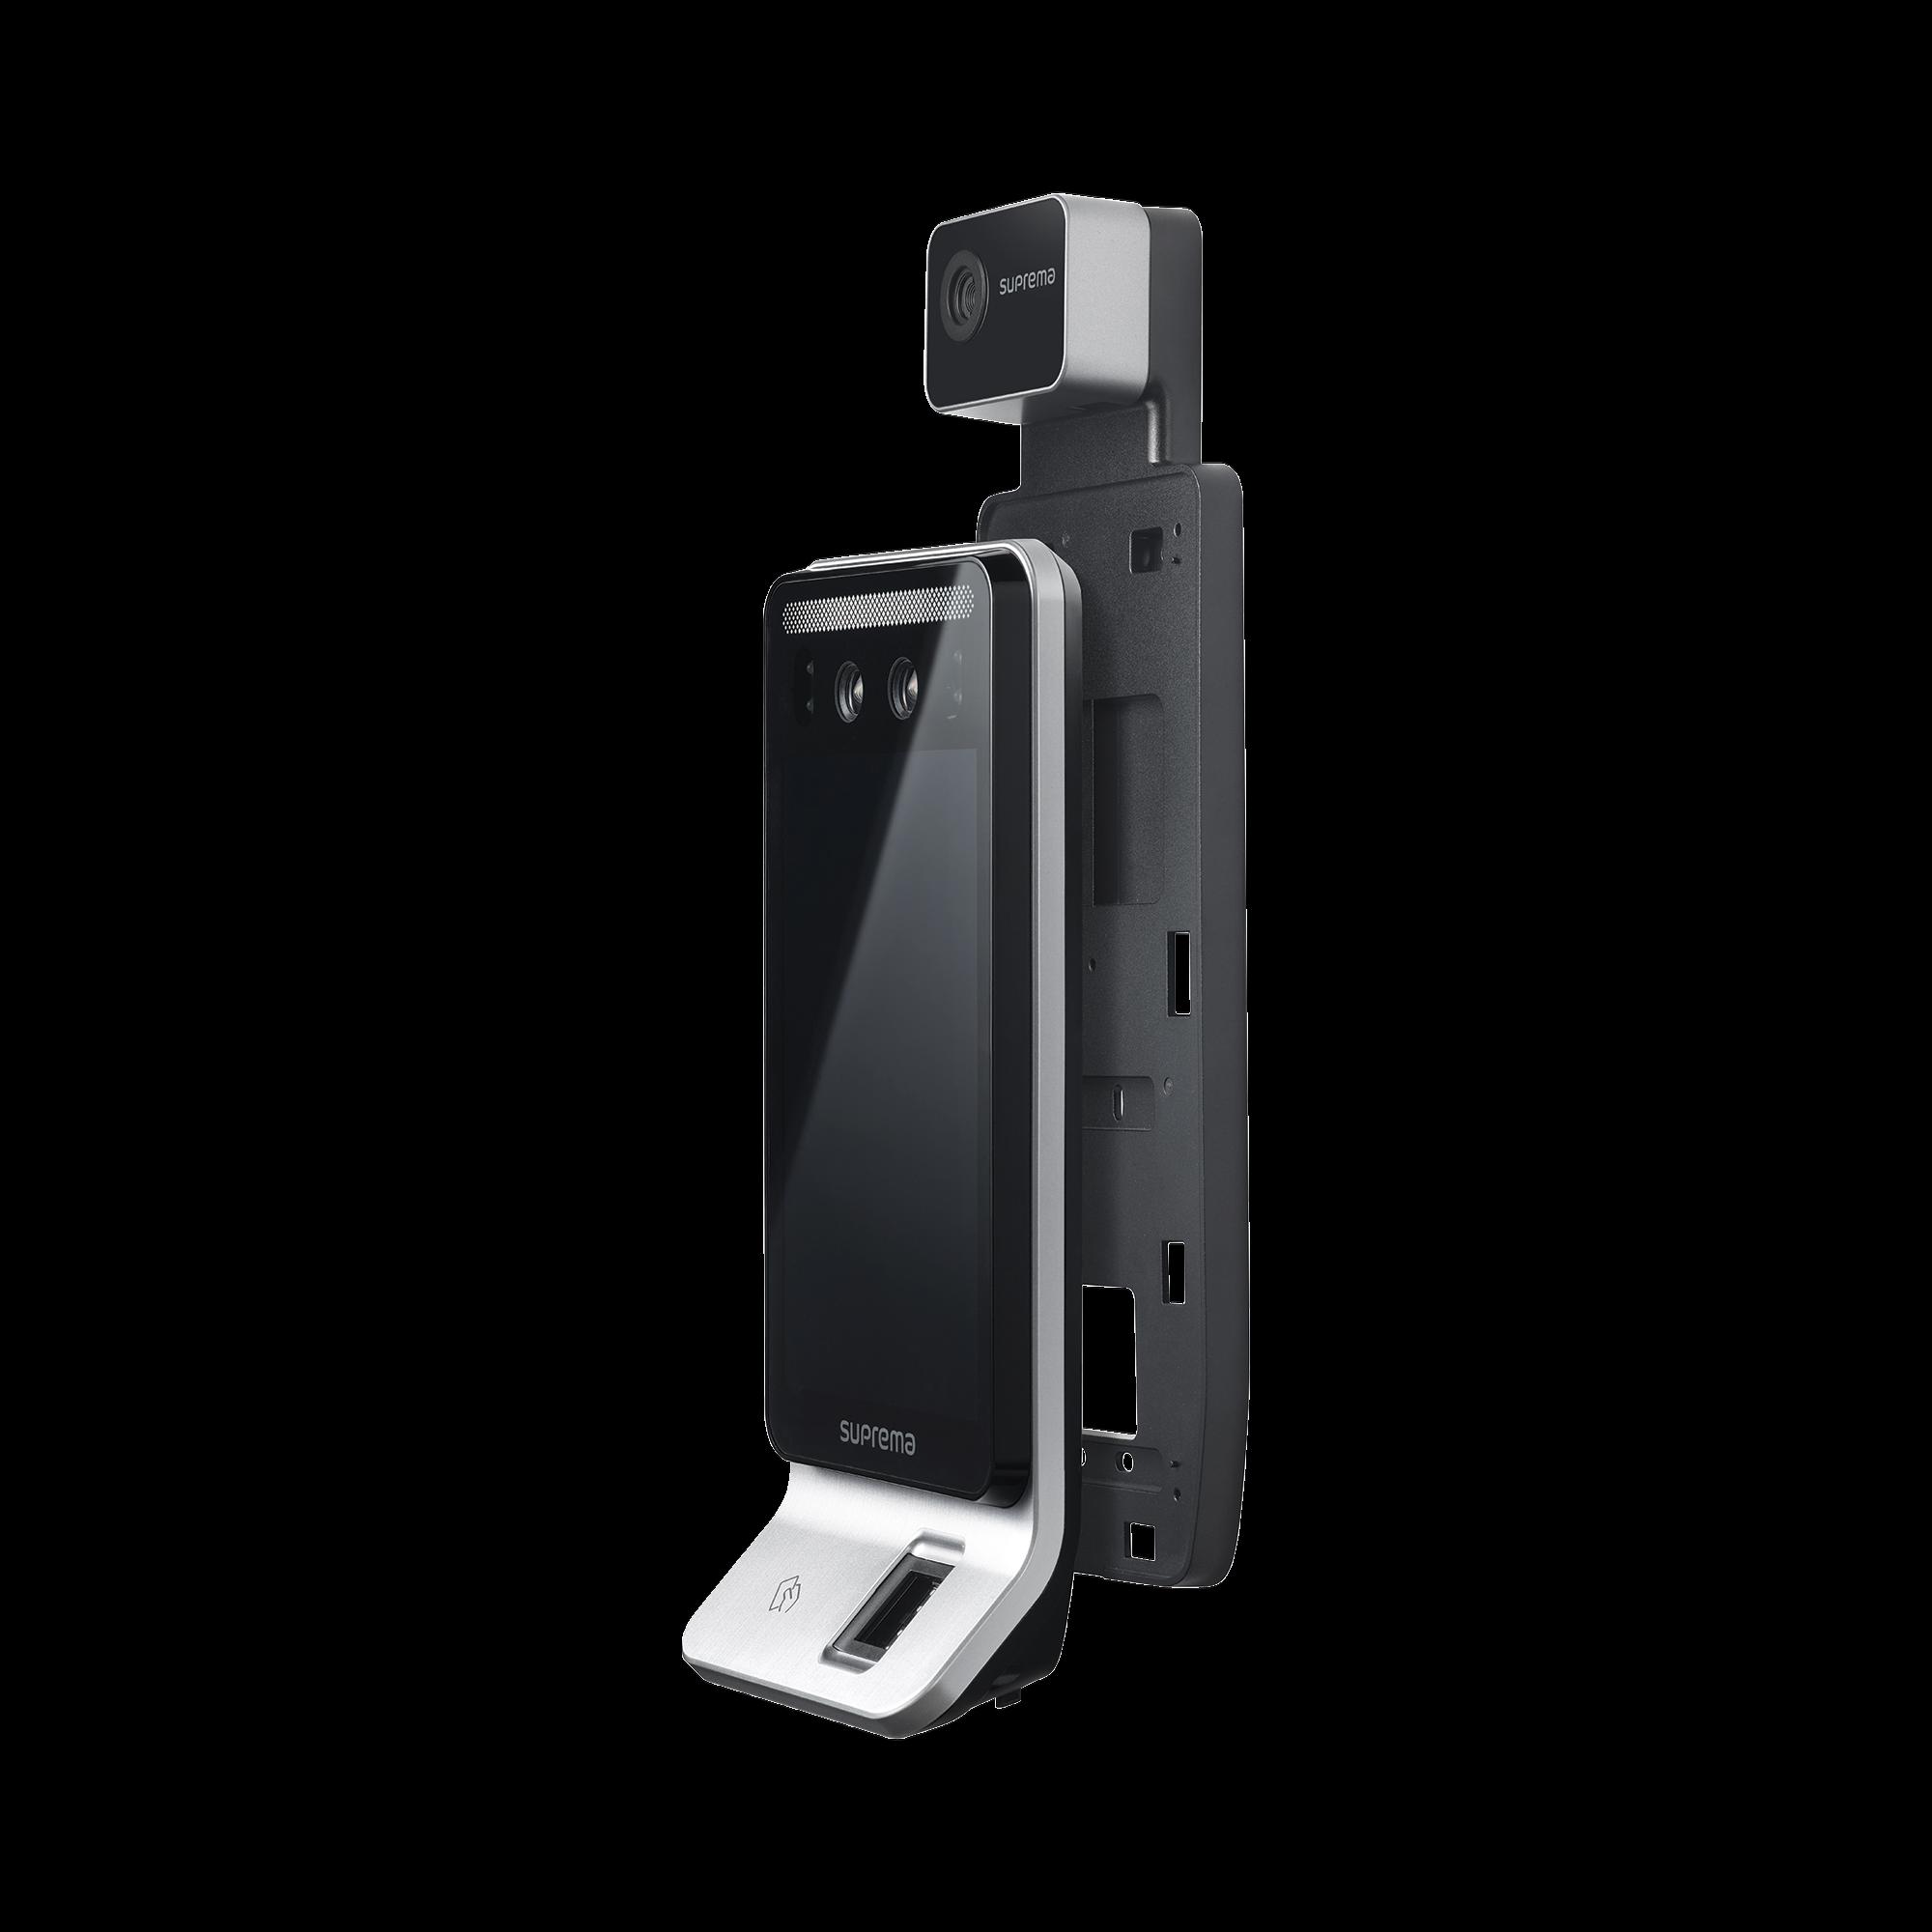 Lector de reconocimiento Facial/F2 /   de Huella / Notificación por Temperatura / con lector de RFID(125kHz EM & 13.56 Mhz MIFARE)  Compatible con BioStar2